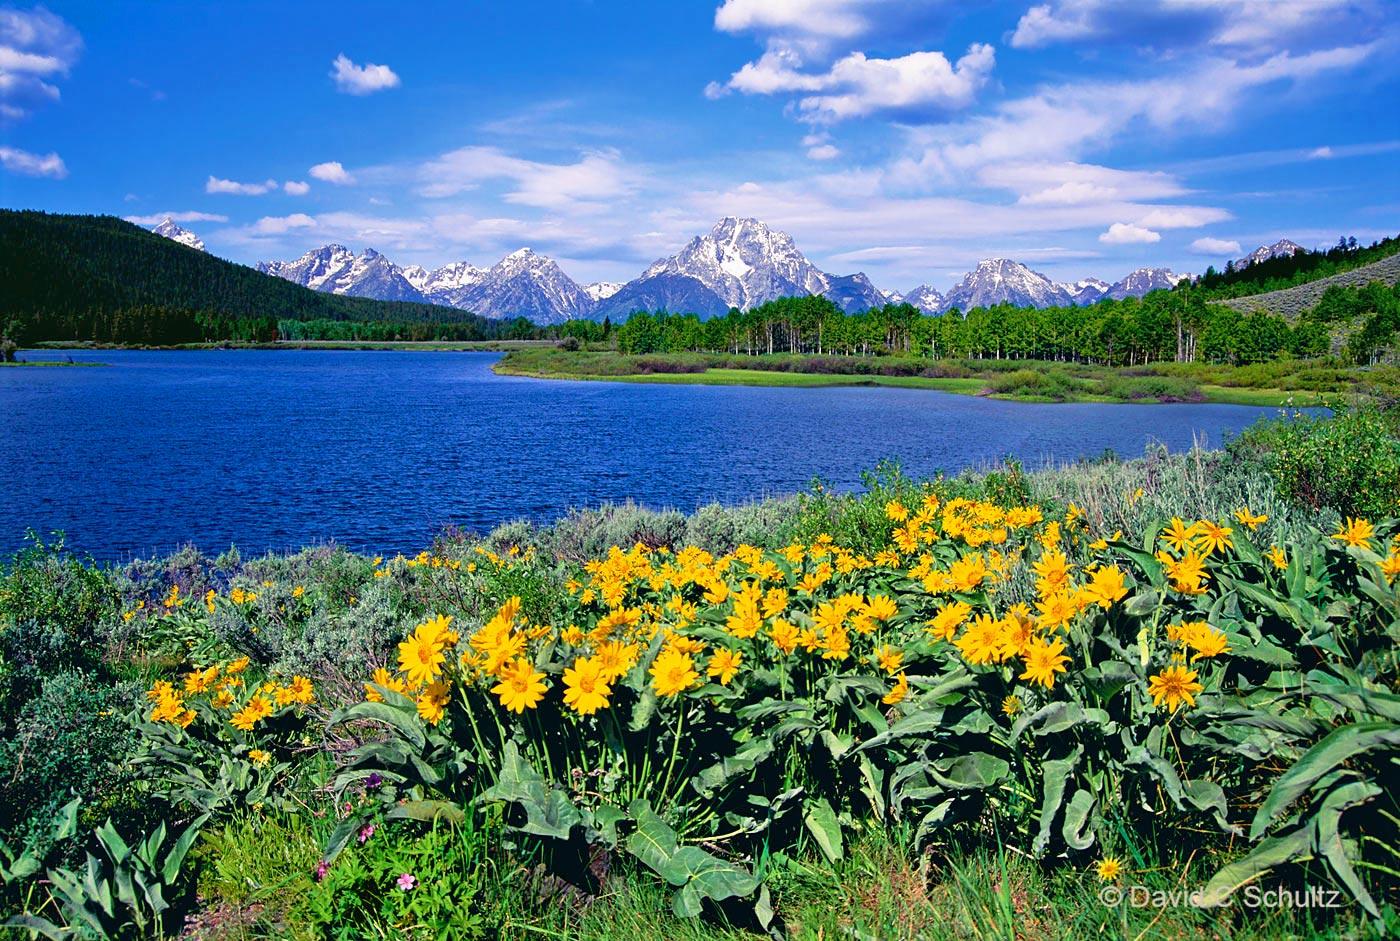 Teton National Park, WY - Image #44-1309